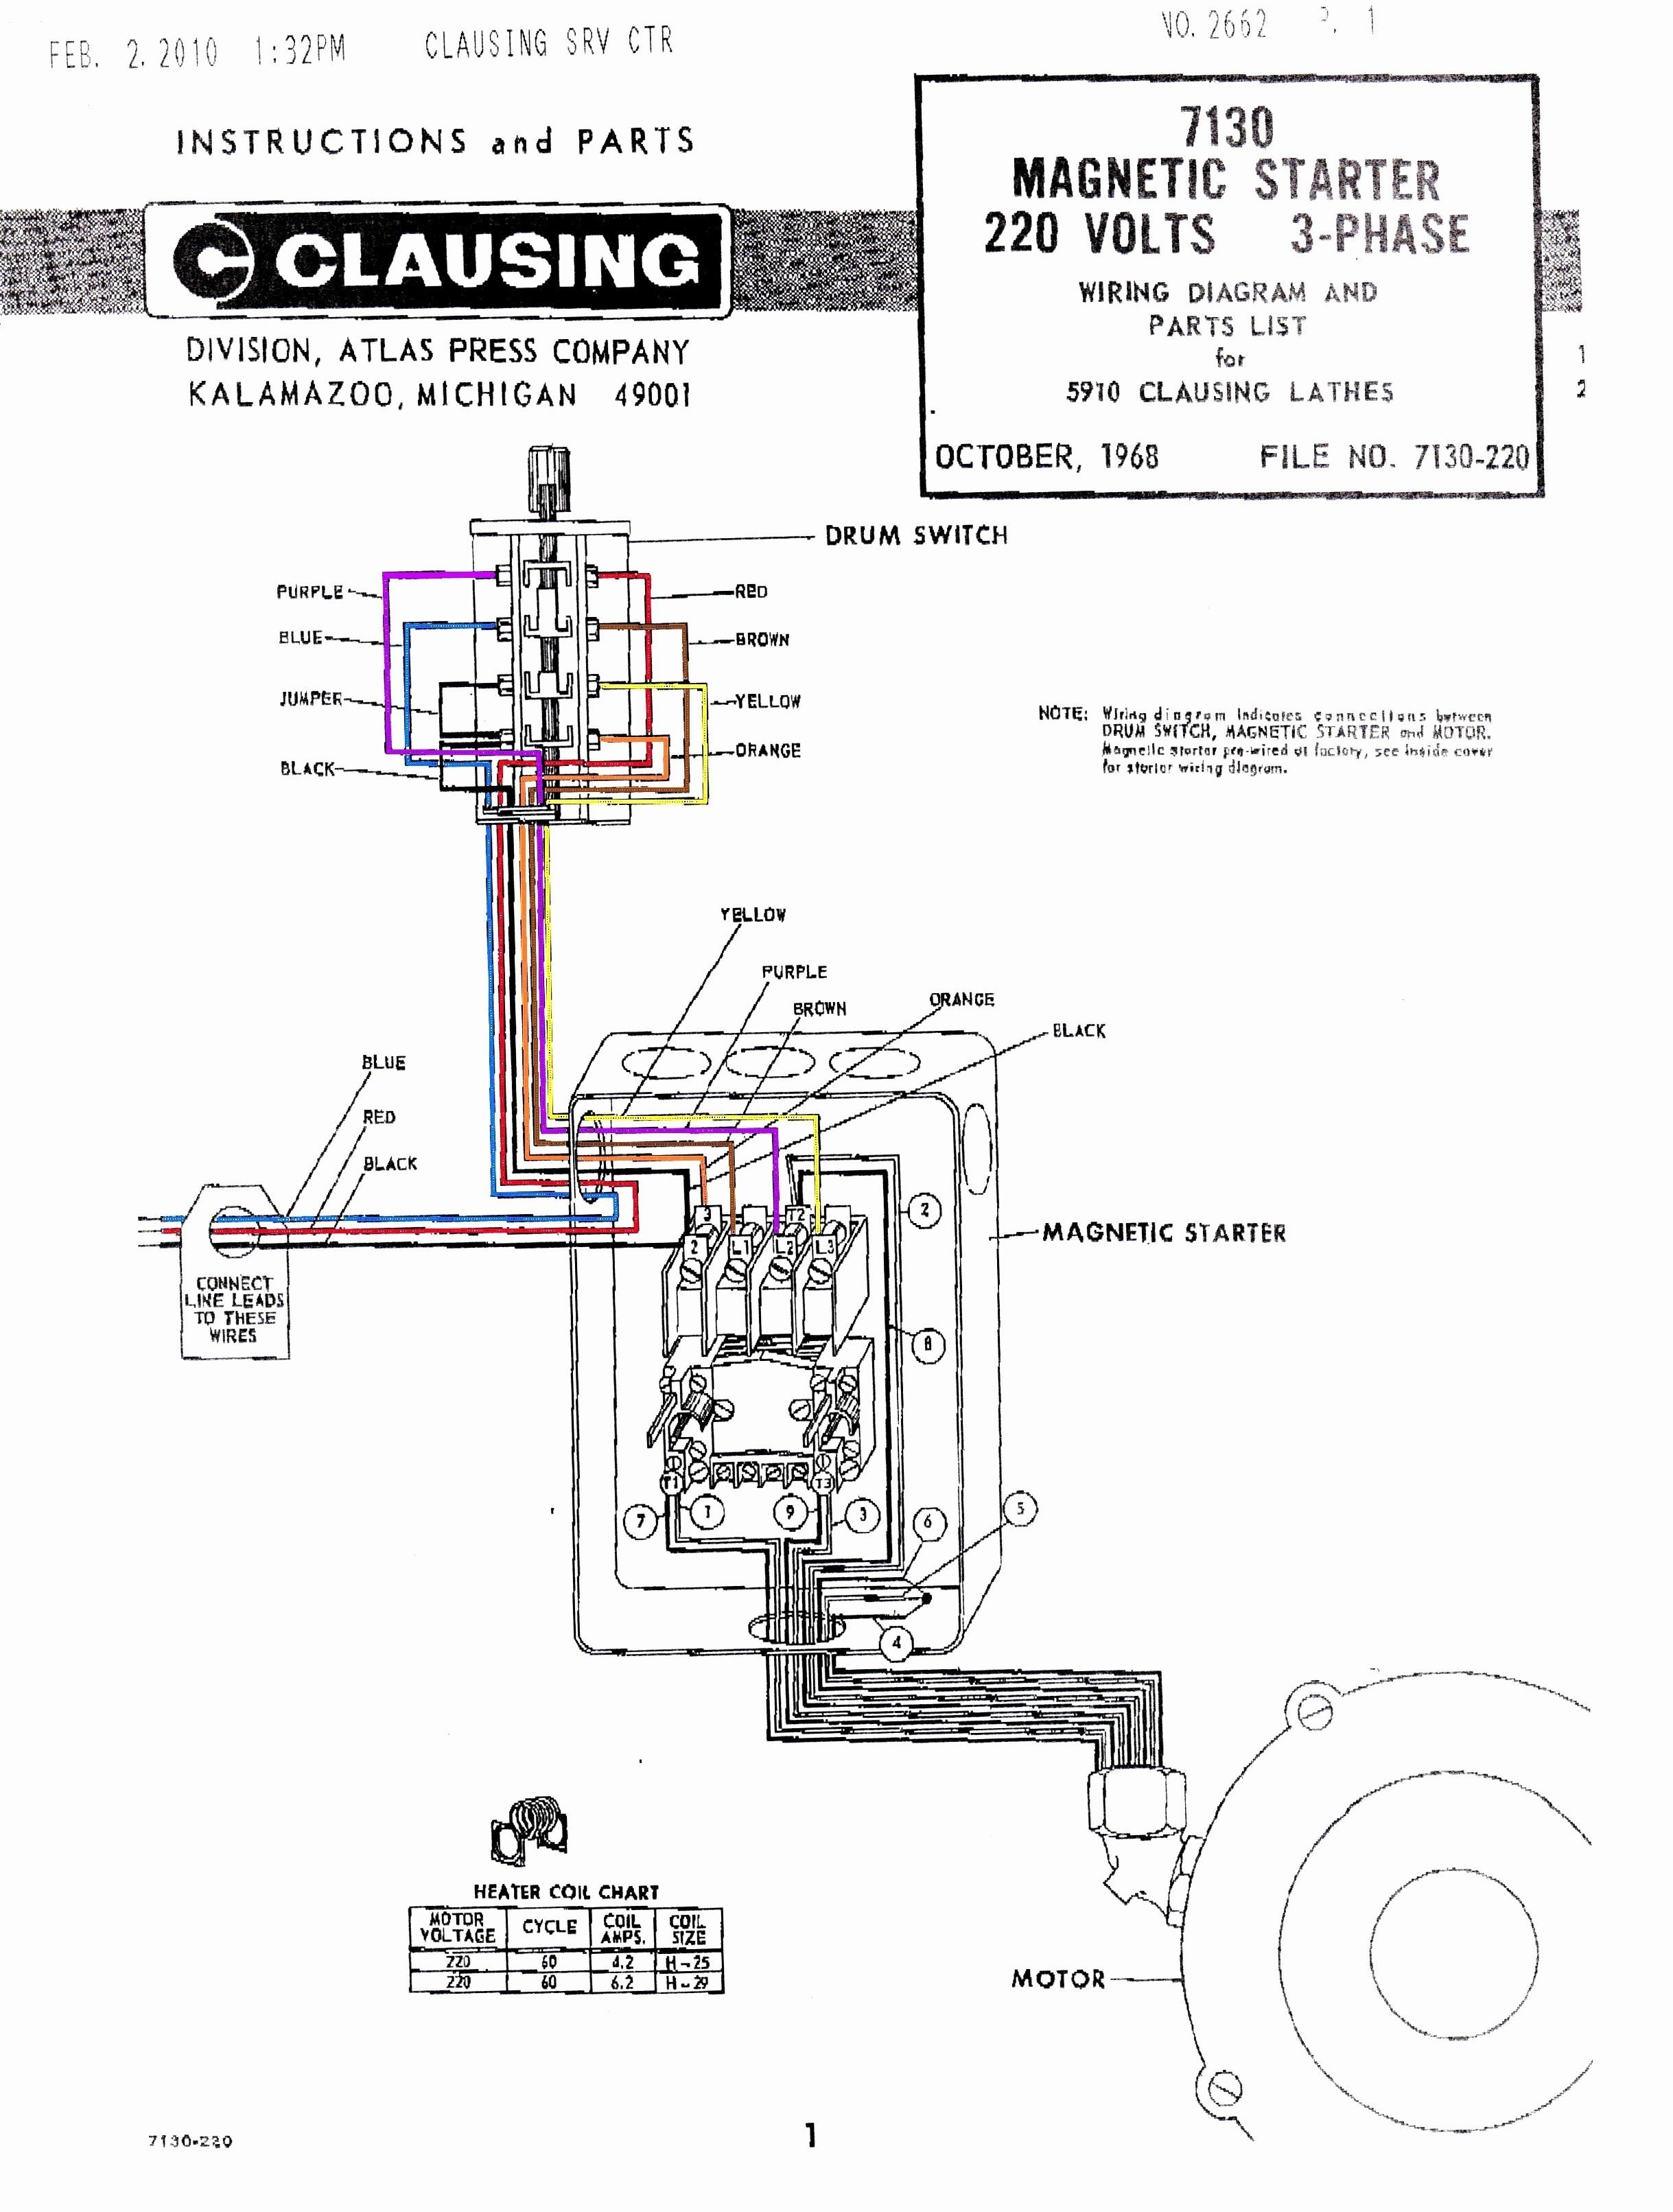 Ac Motor Starter Wiring Diagram Refrence Wiring Diagram Ac 3 Phase New Wiring Diagram Weg 3